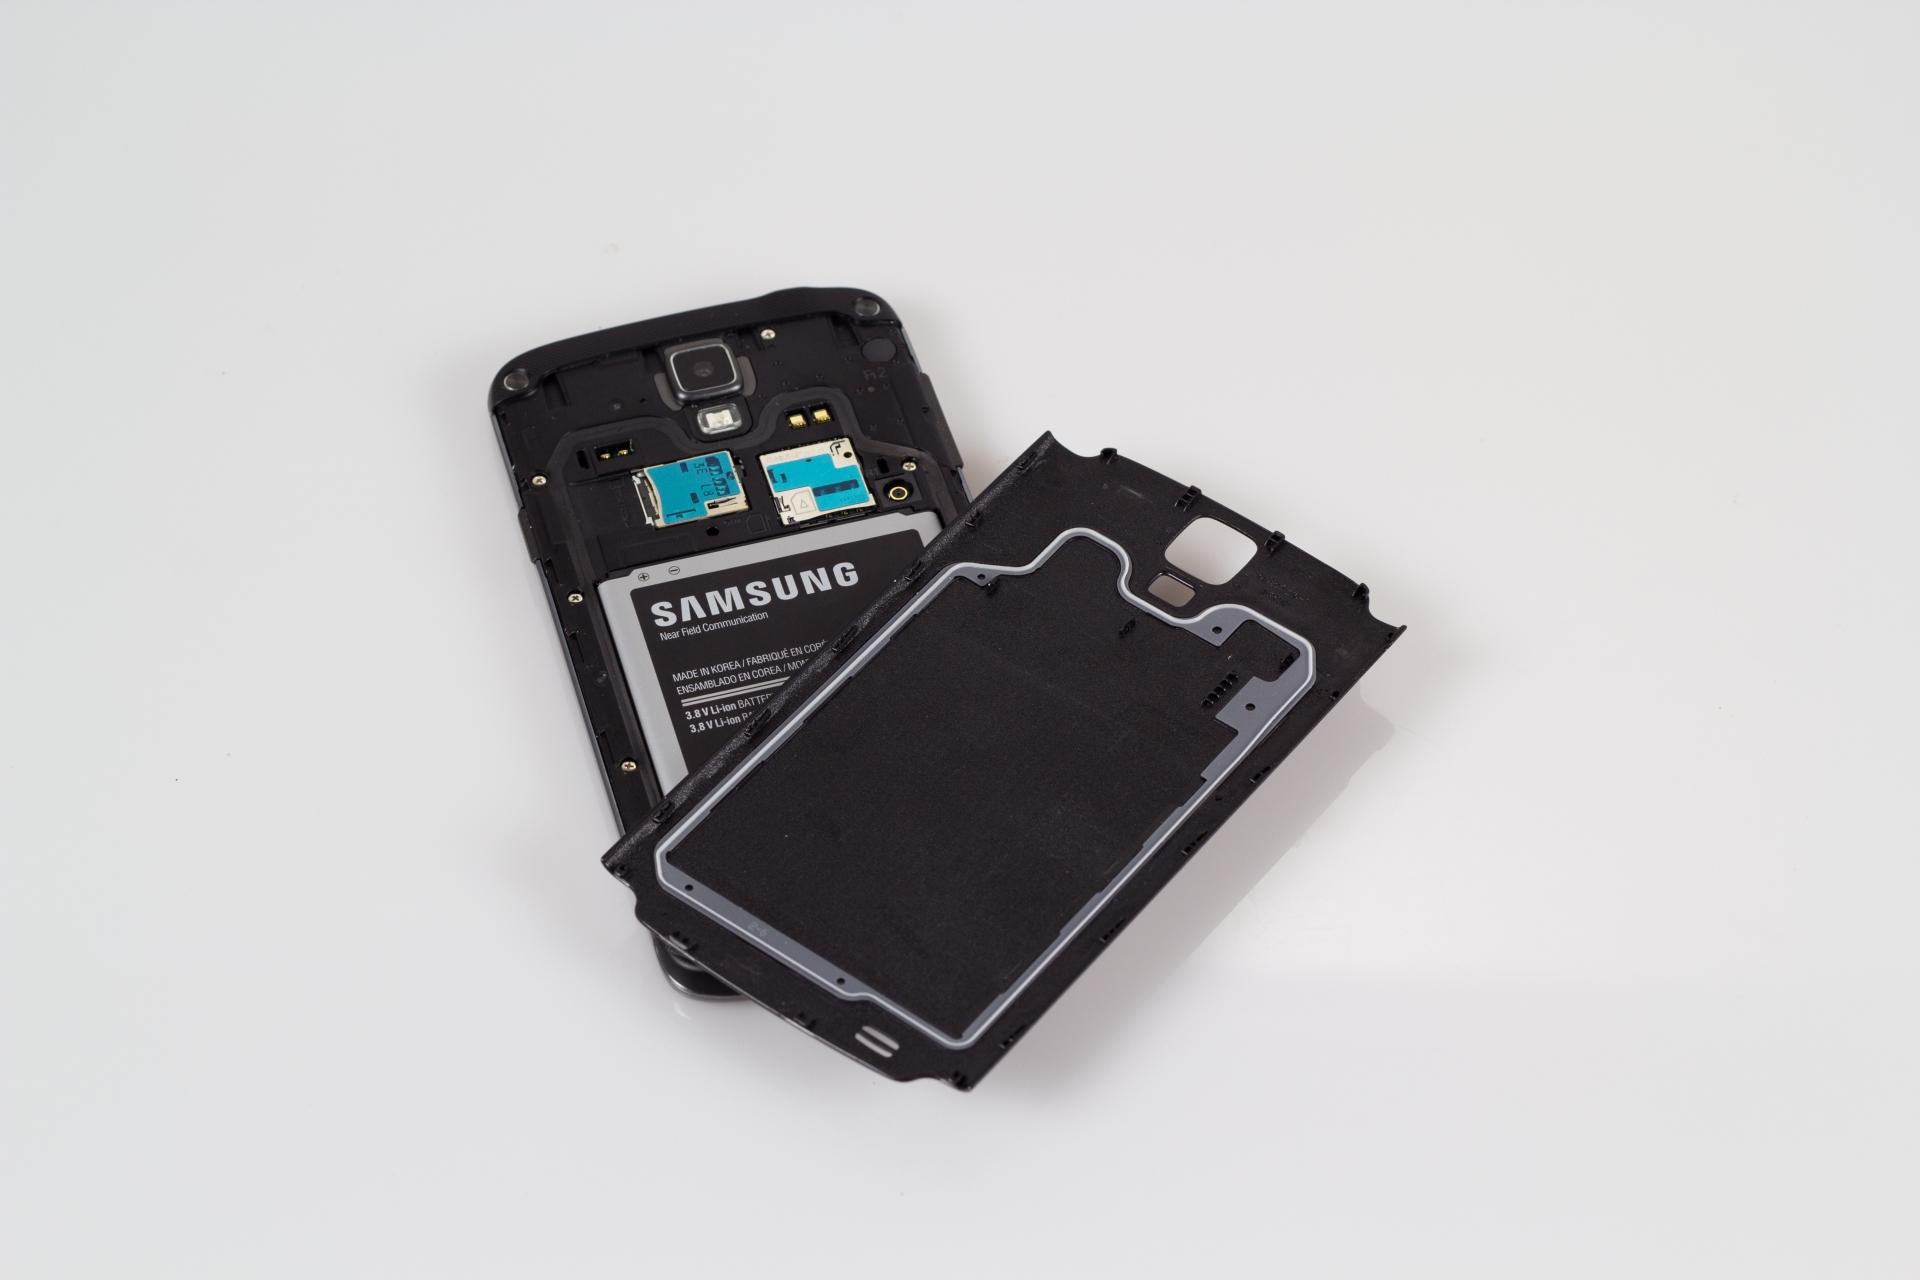 Samsung Galaxy S4 Active im Test: Das bessere Galaxy S4 -